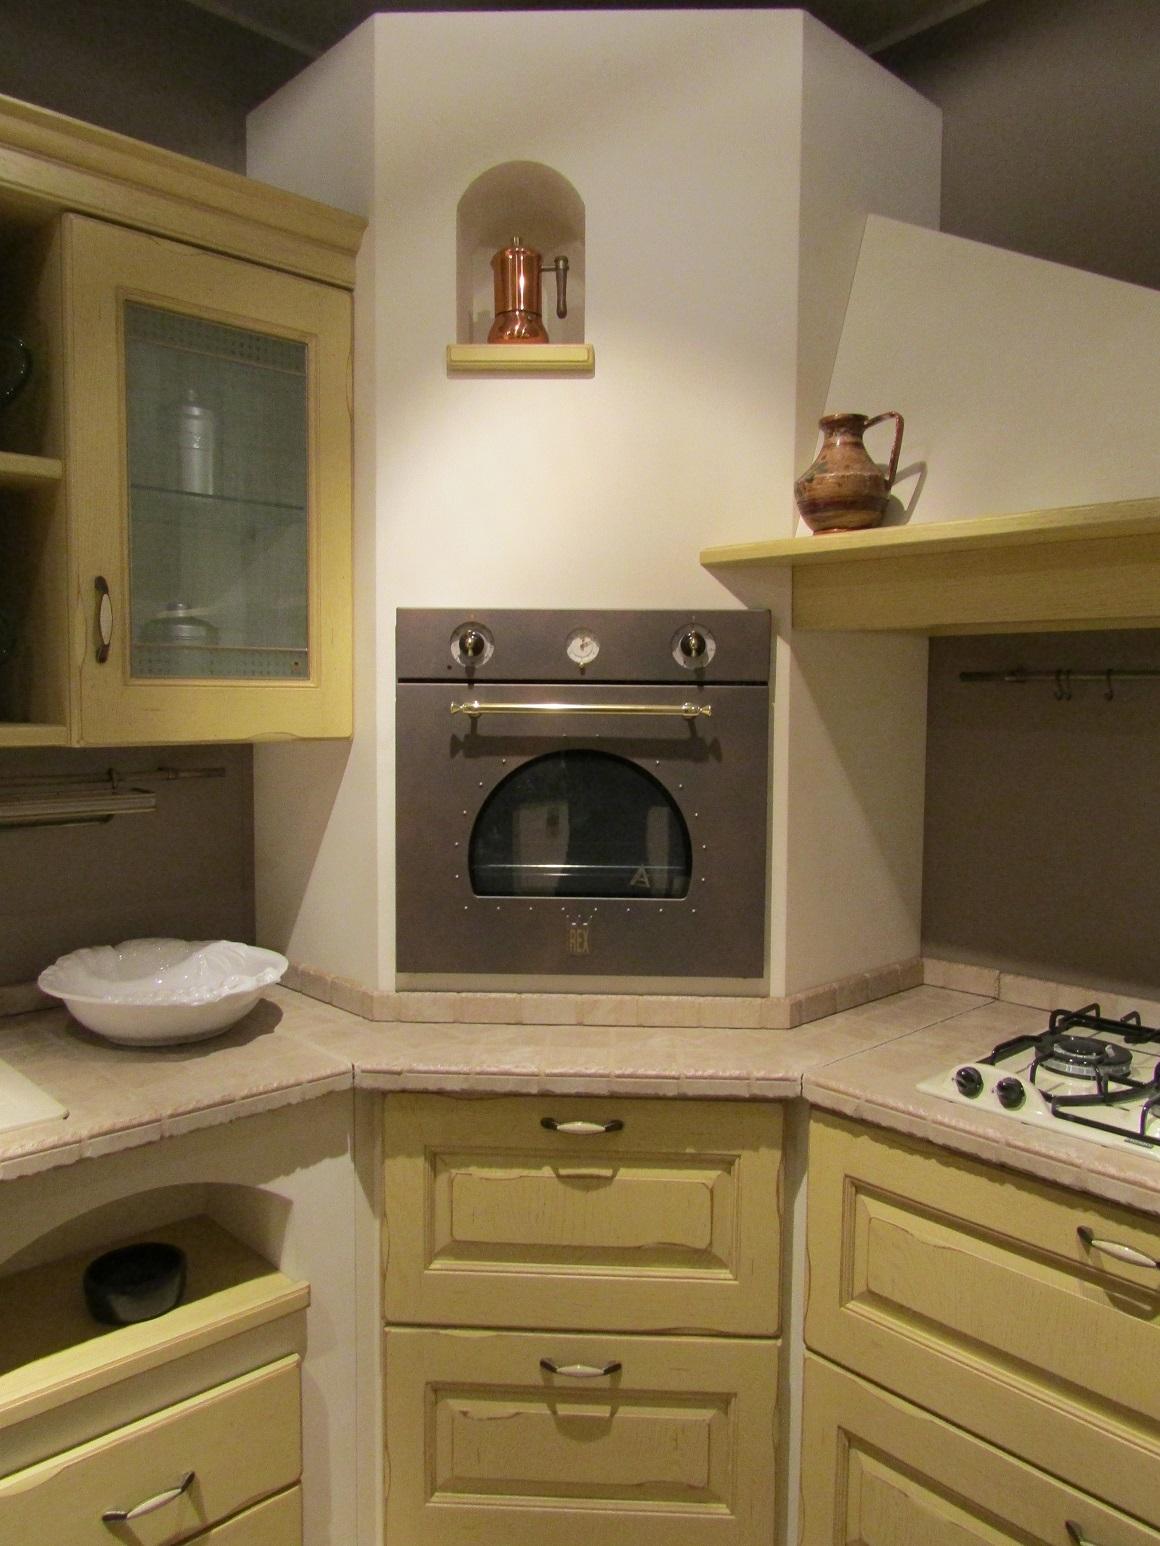 Cucine scavolini in muratura cucina scavolini modello - Cucine muratura scavolini ...